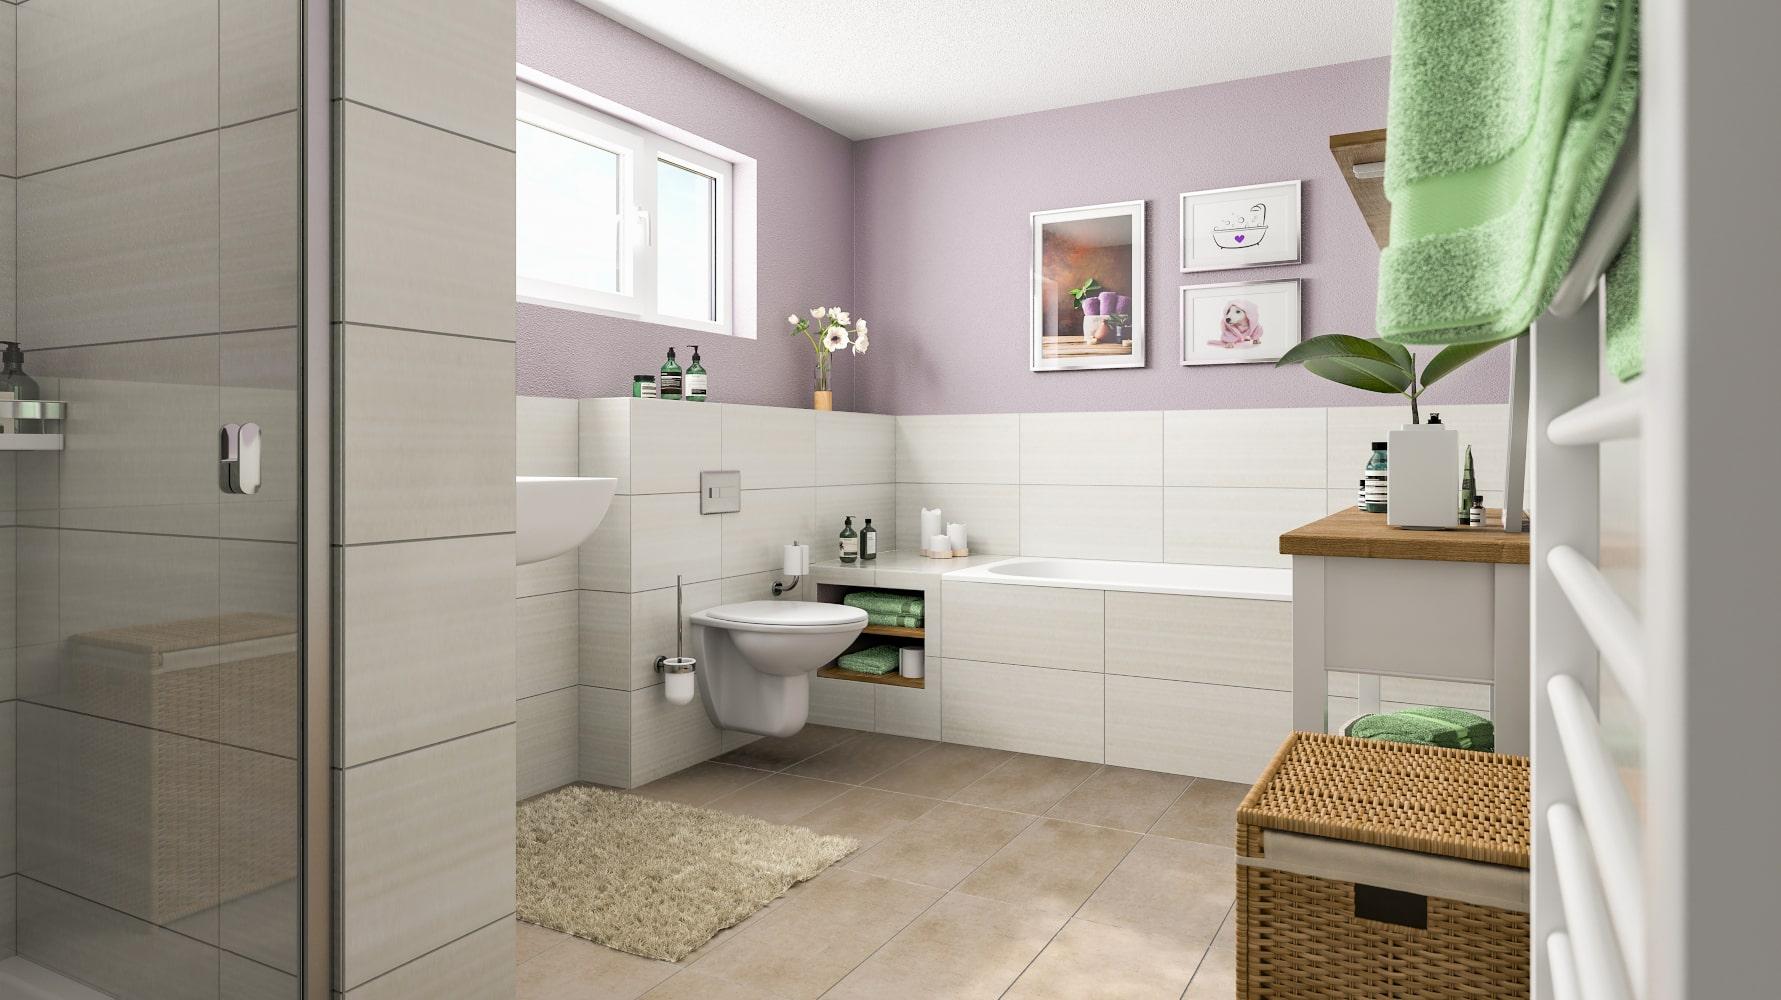 Badezimmer mit Badewanne und Fenster - Stadtvilla Inneneinrichtung Ideen STADTHAUS 100 Town & Country Haus - HausbauDirekt.de